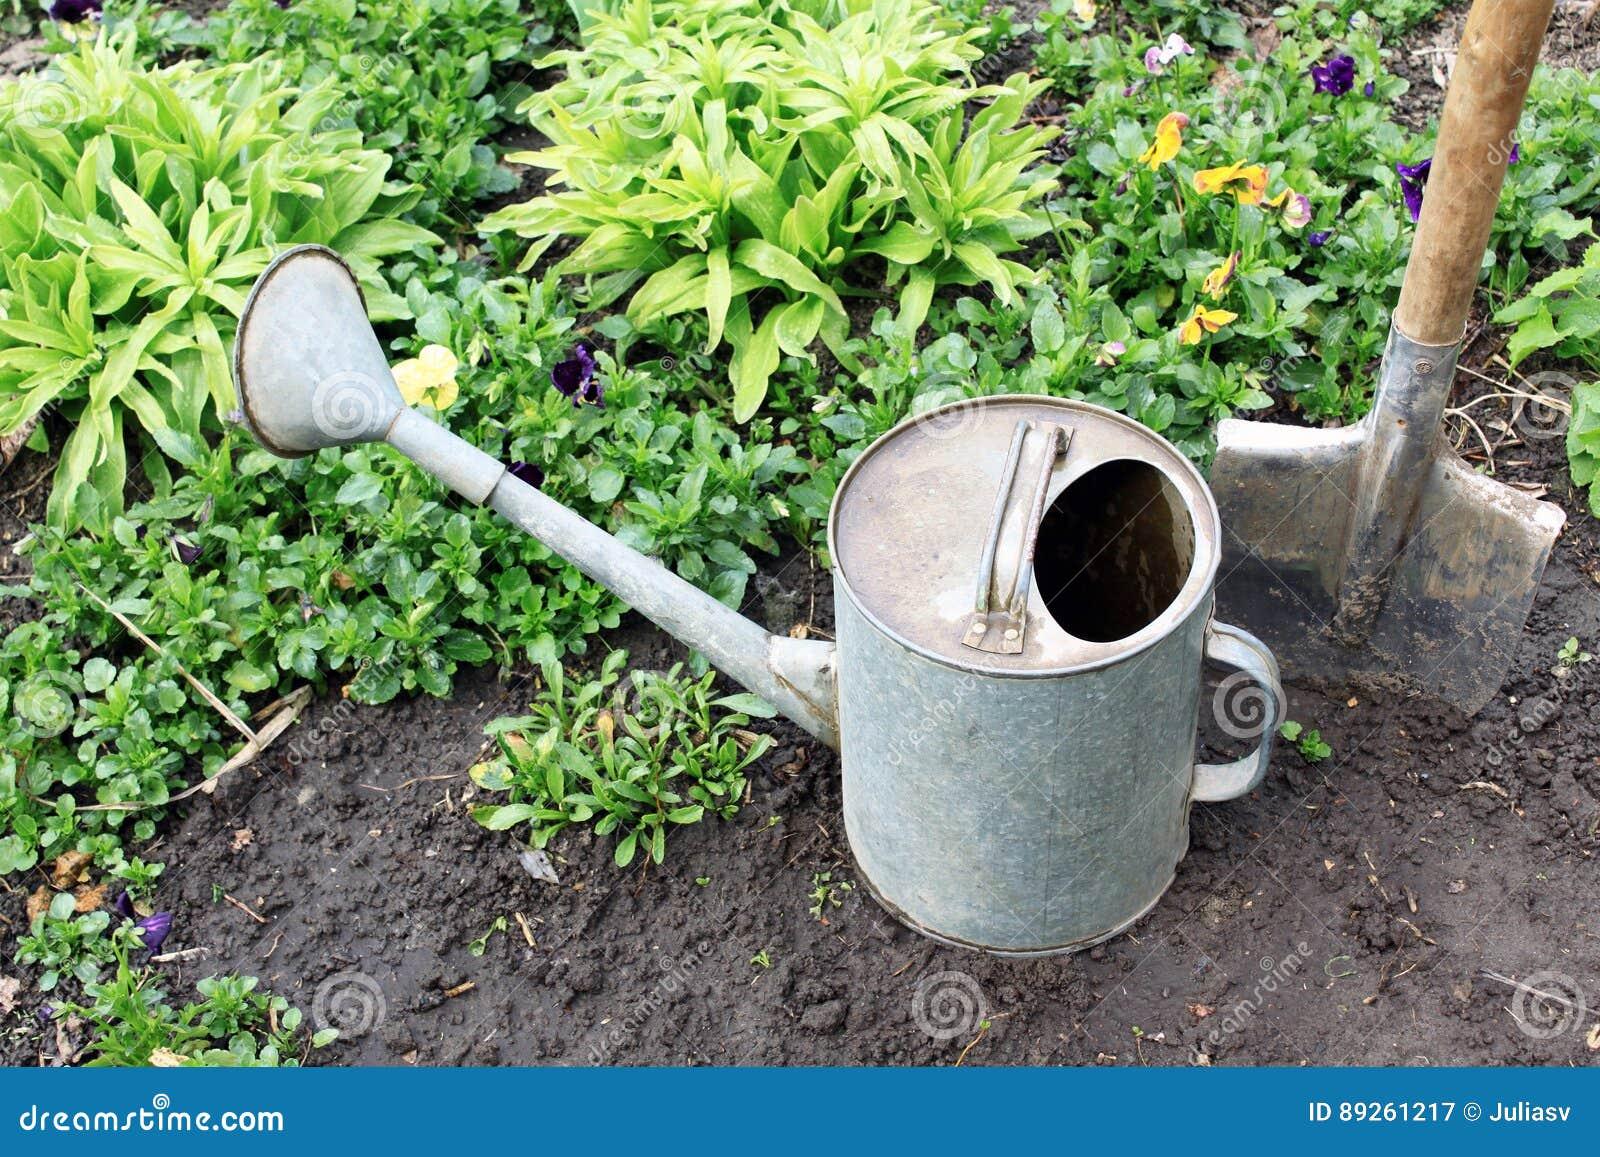 Garden Tools In Vegetable Garden On Background Of Plants Stock